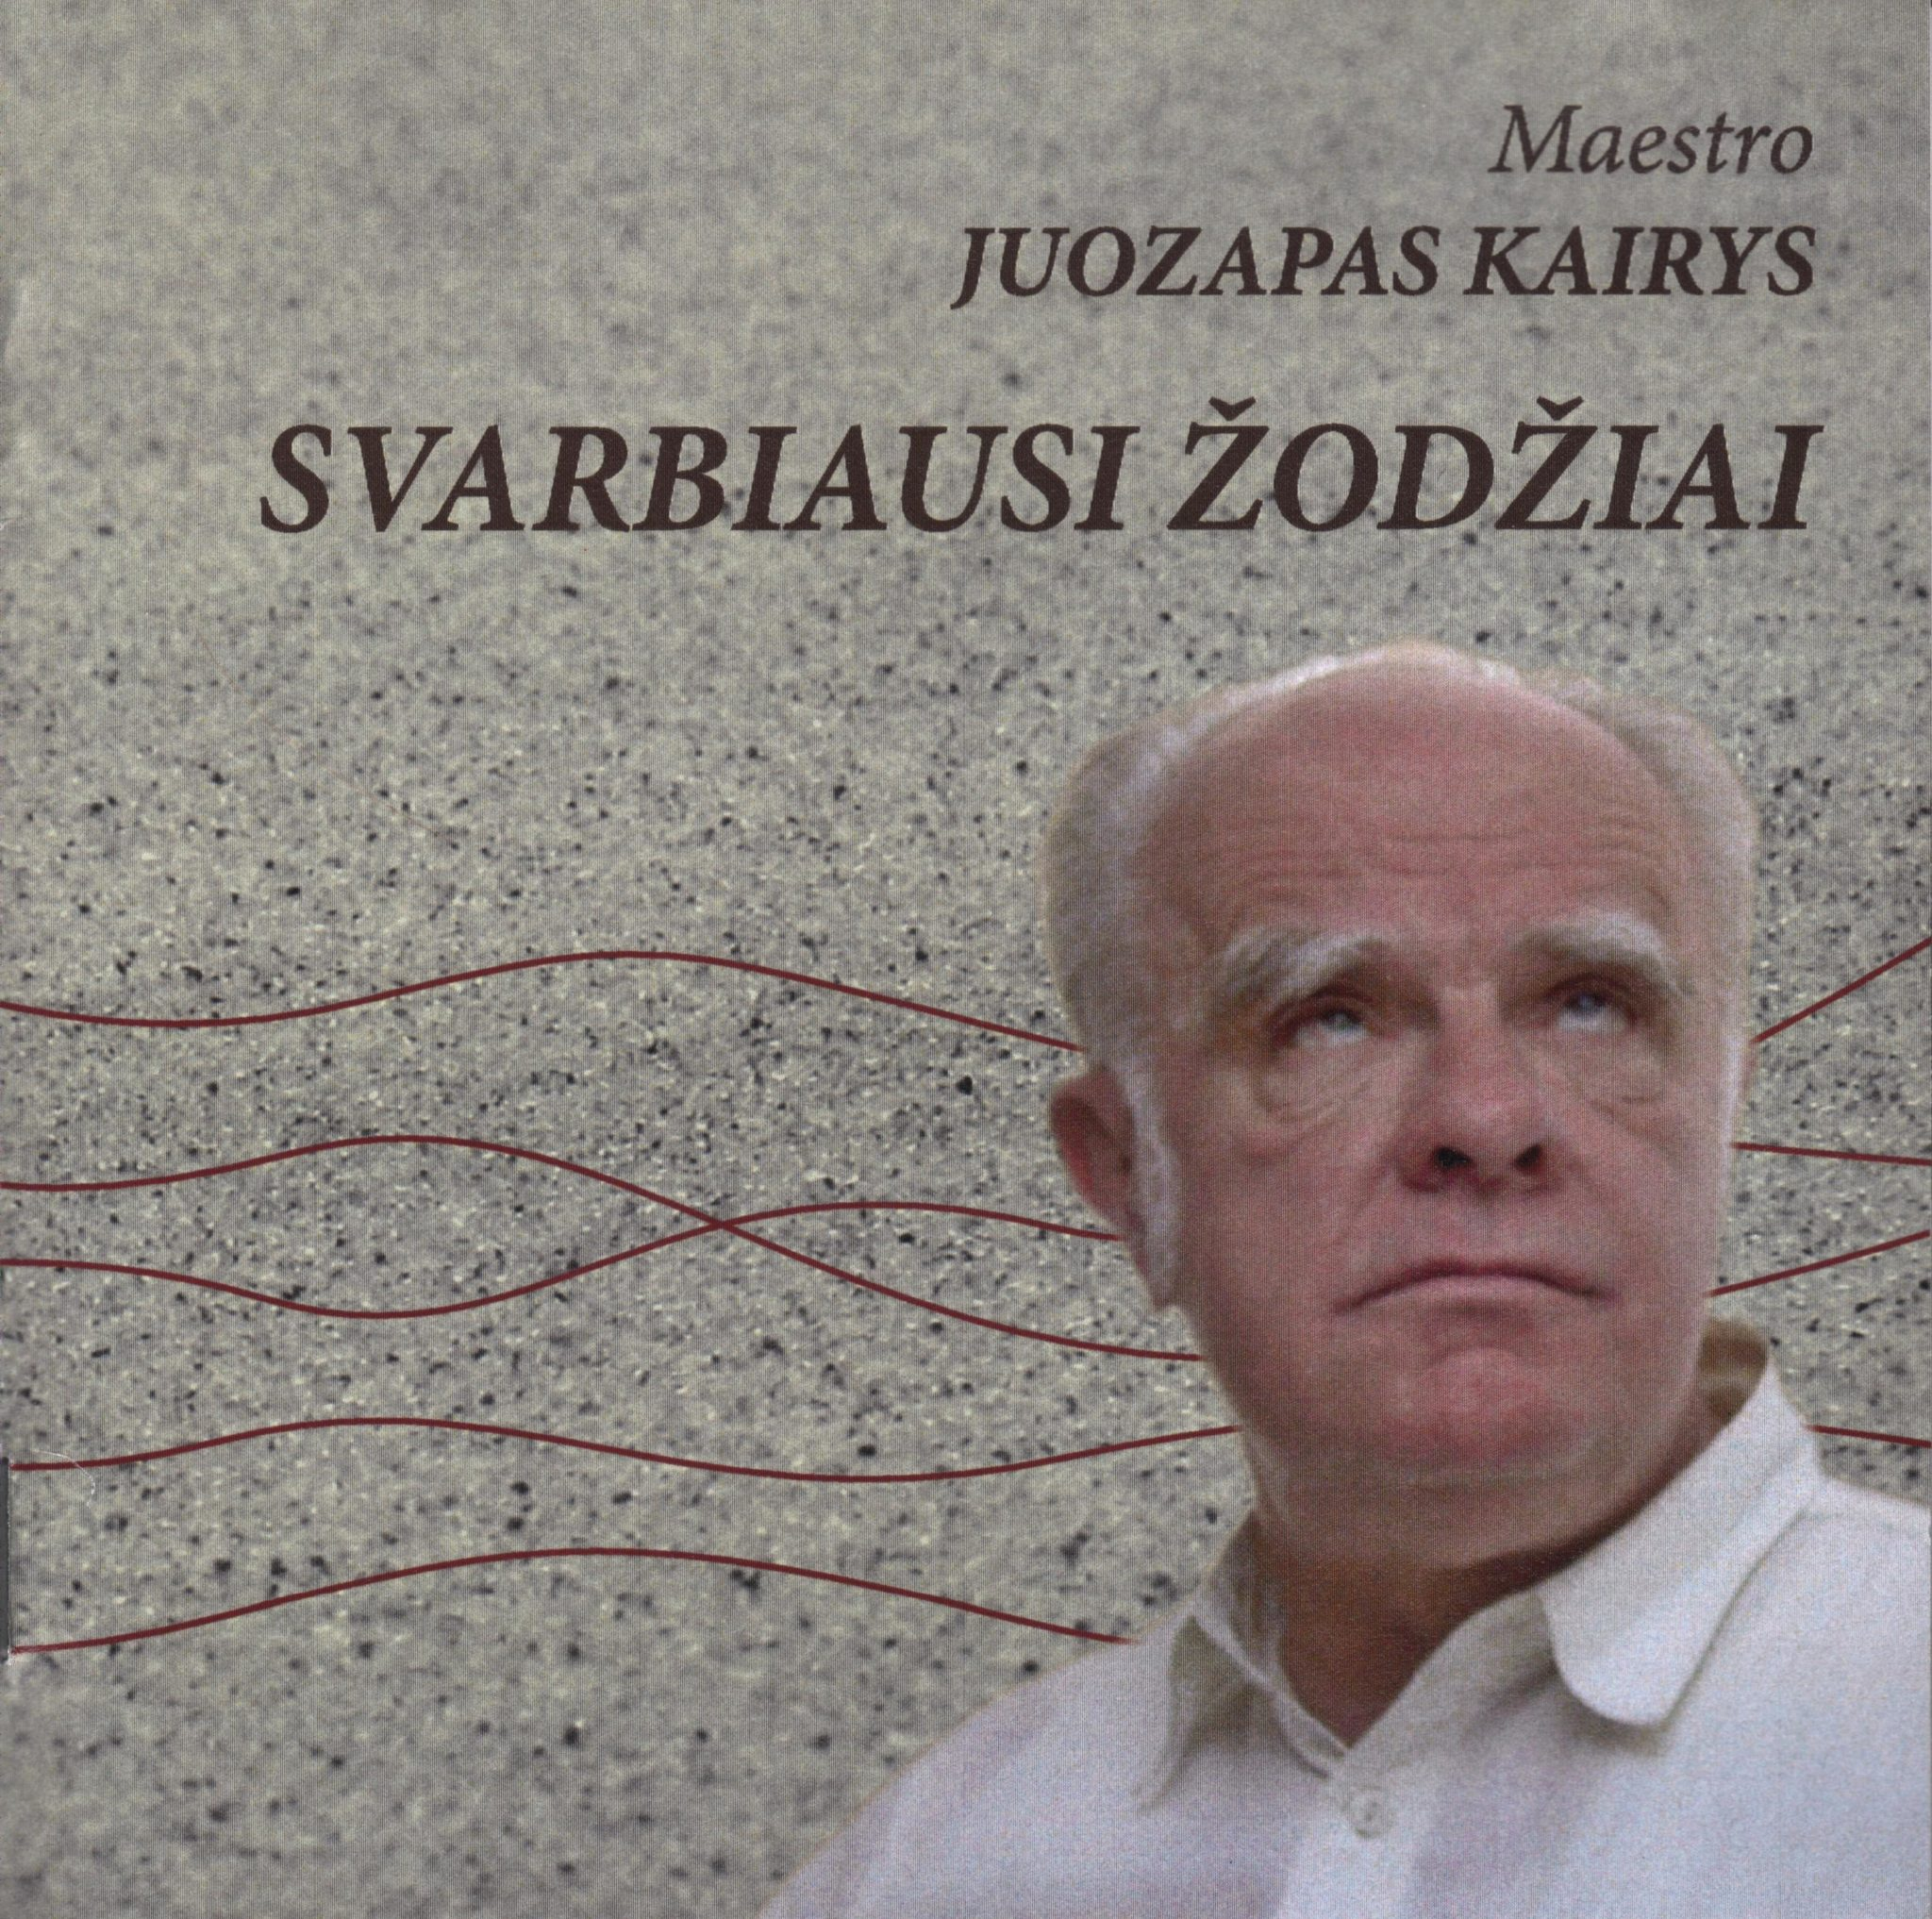 Maestro Juozapas Kairys. Svarbiausi žodžiai. – Vilnius, 2008. Kompaktinės plokštelės viršelis.